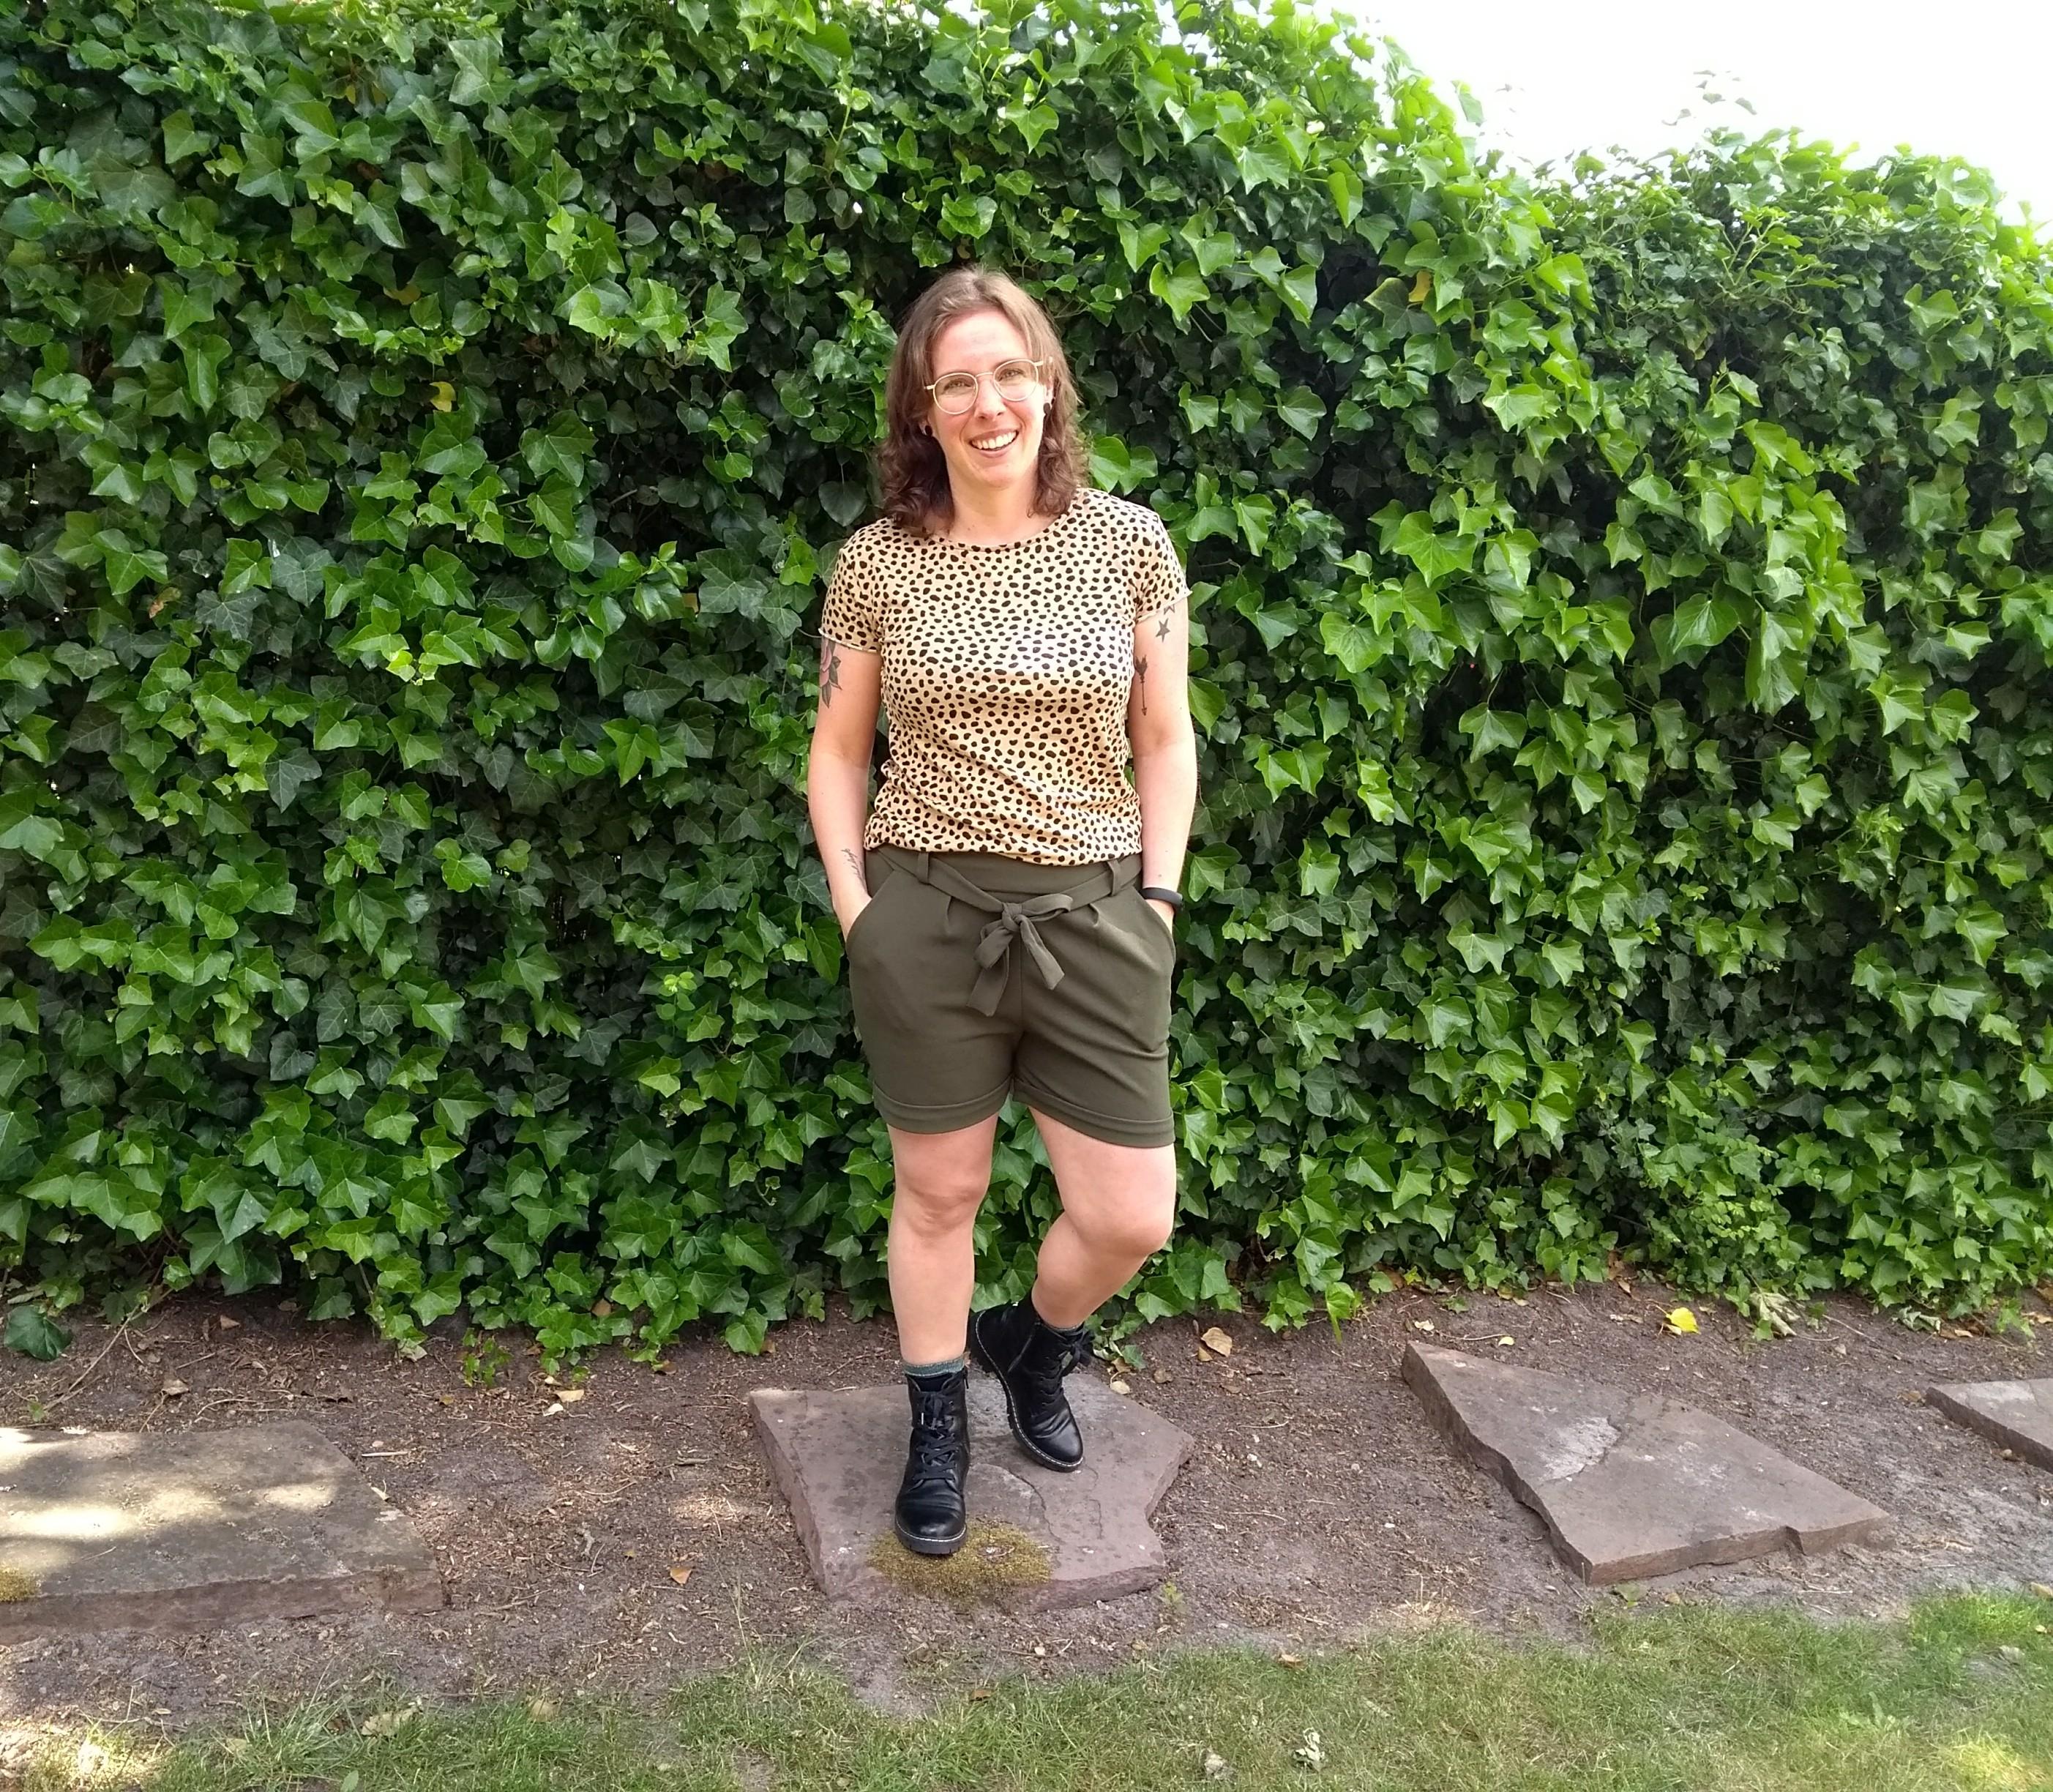 persoonlijke groei, loslaten, waar sta je voor, moederschap, moeder zijn, jezelf zijn, persoonlijke groei, ontwikkeling, mamablog, blog, lalog.nl, lalogblog